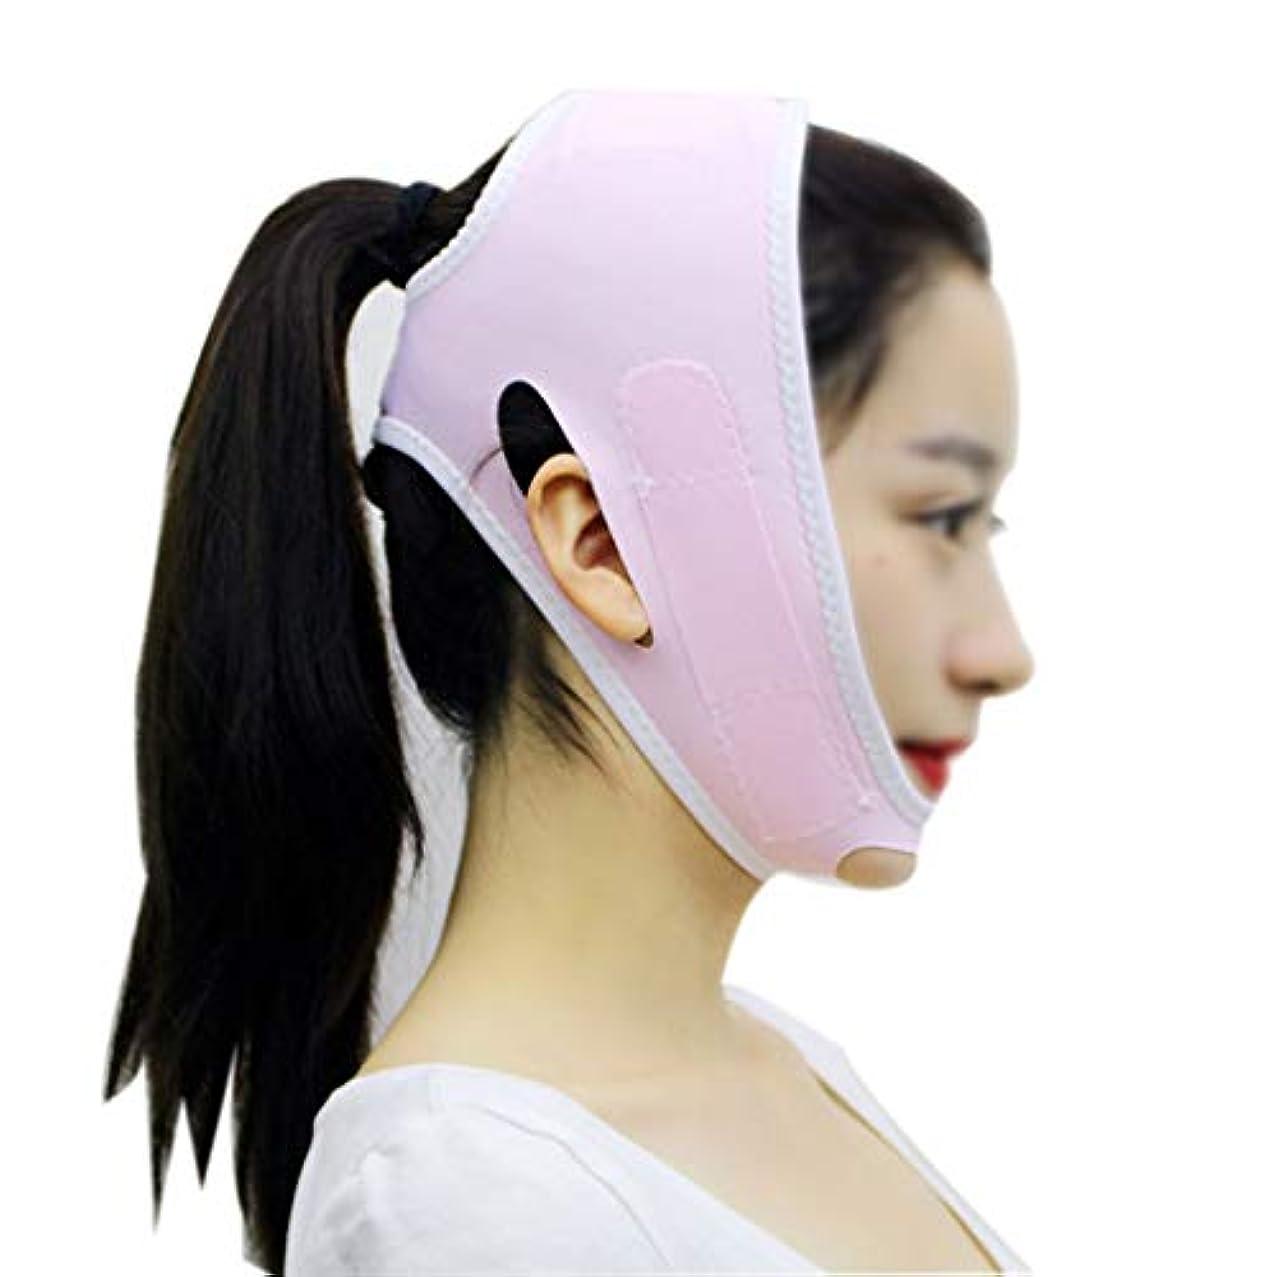 平均士気軽くGLJJQMY 引き締め肌の薄い二重あごマスクを強化するためのフェイスリフティング包帯回復マスク 顔用整形マスク (Color : Pink)